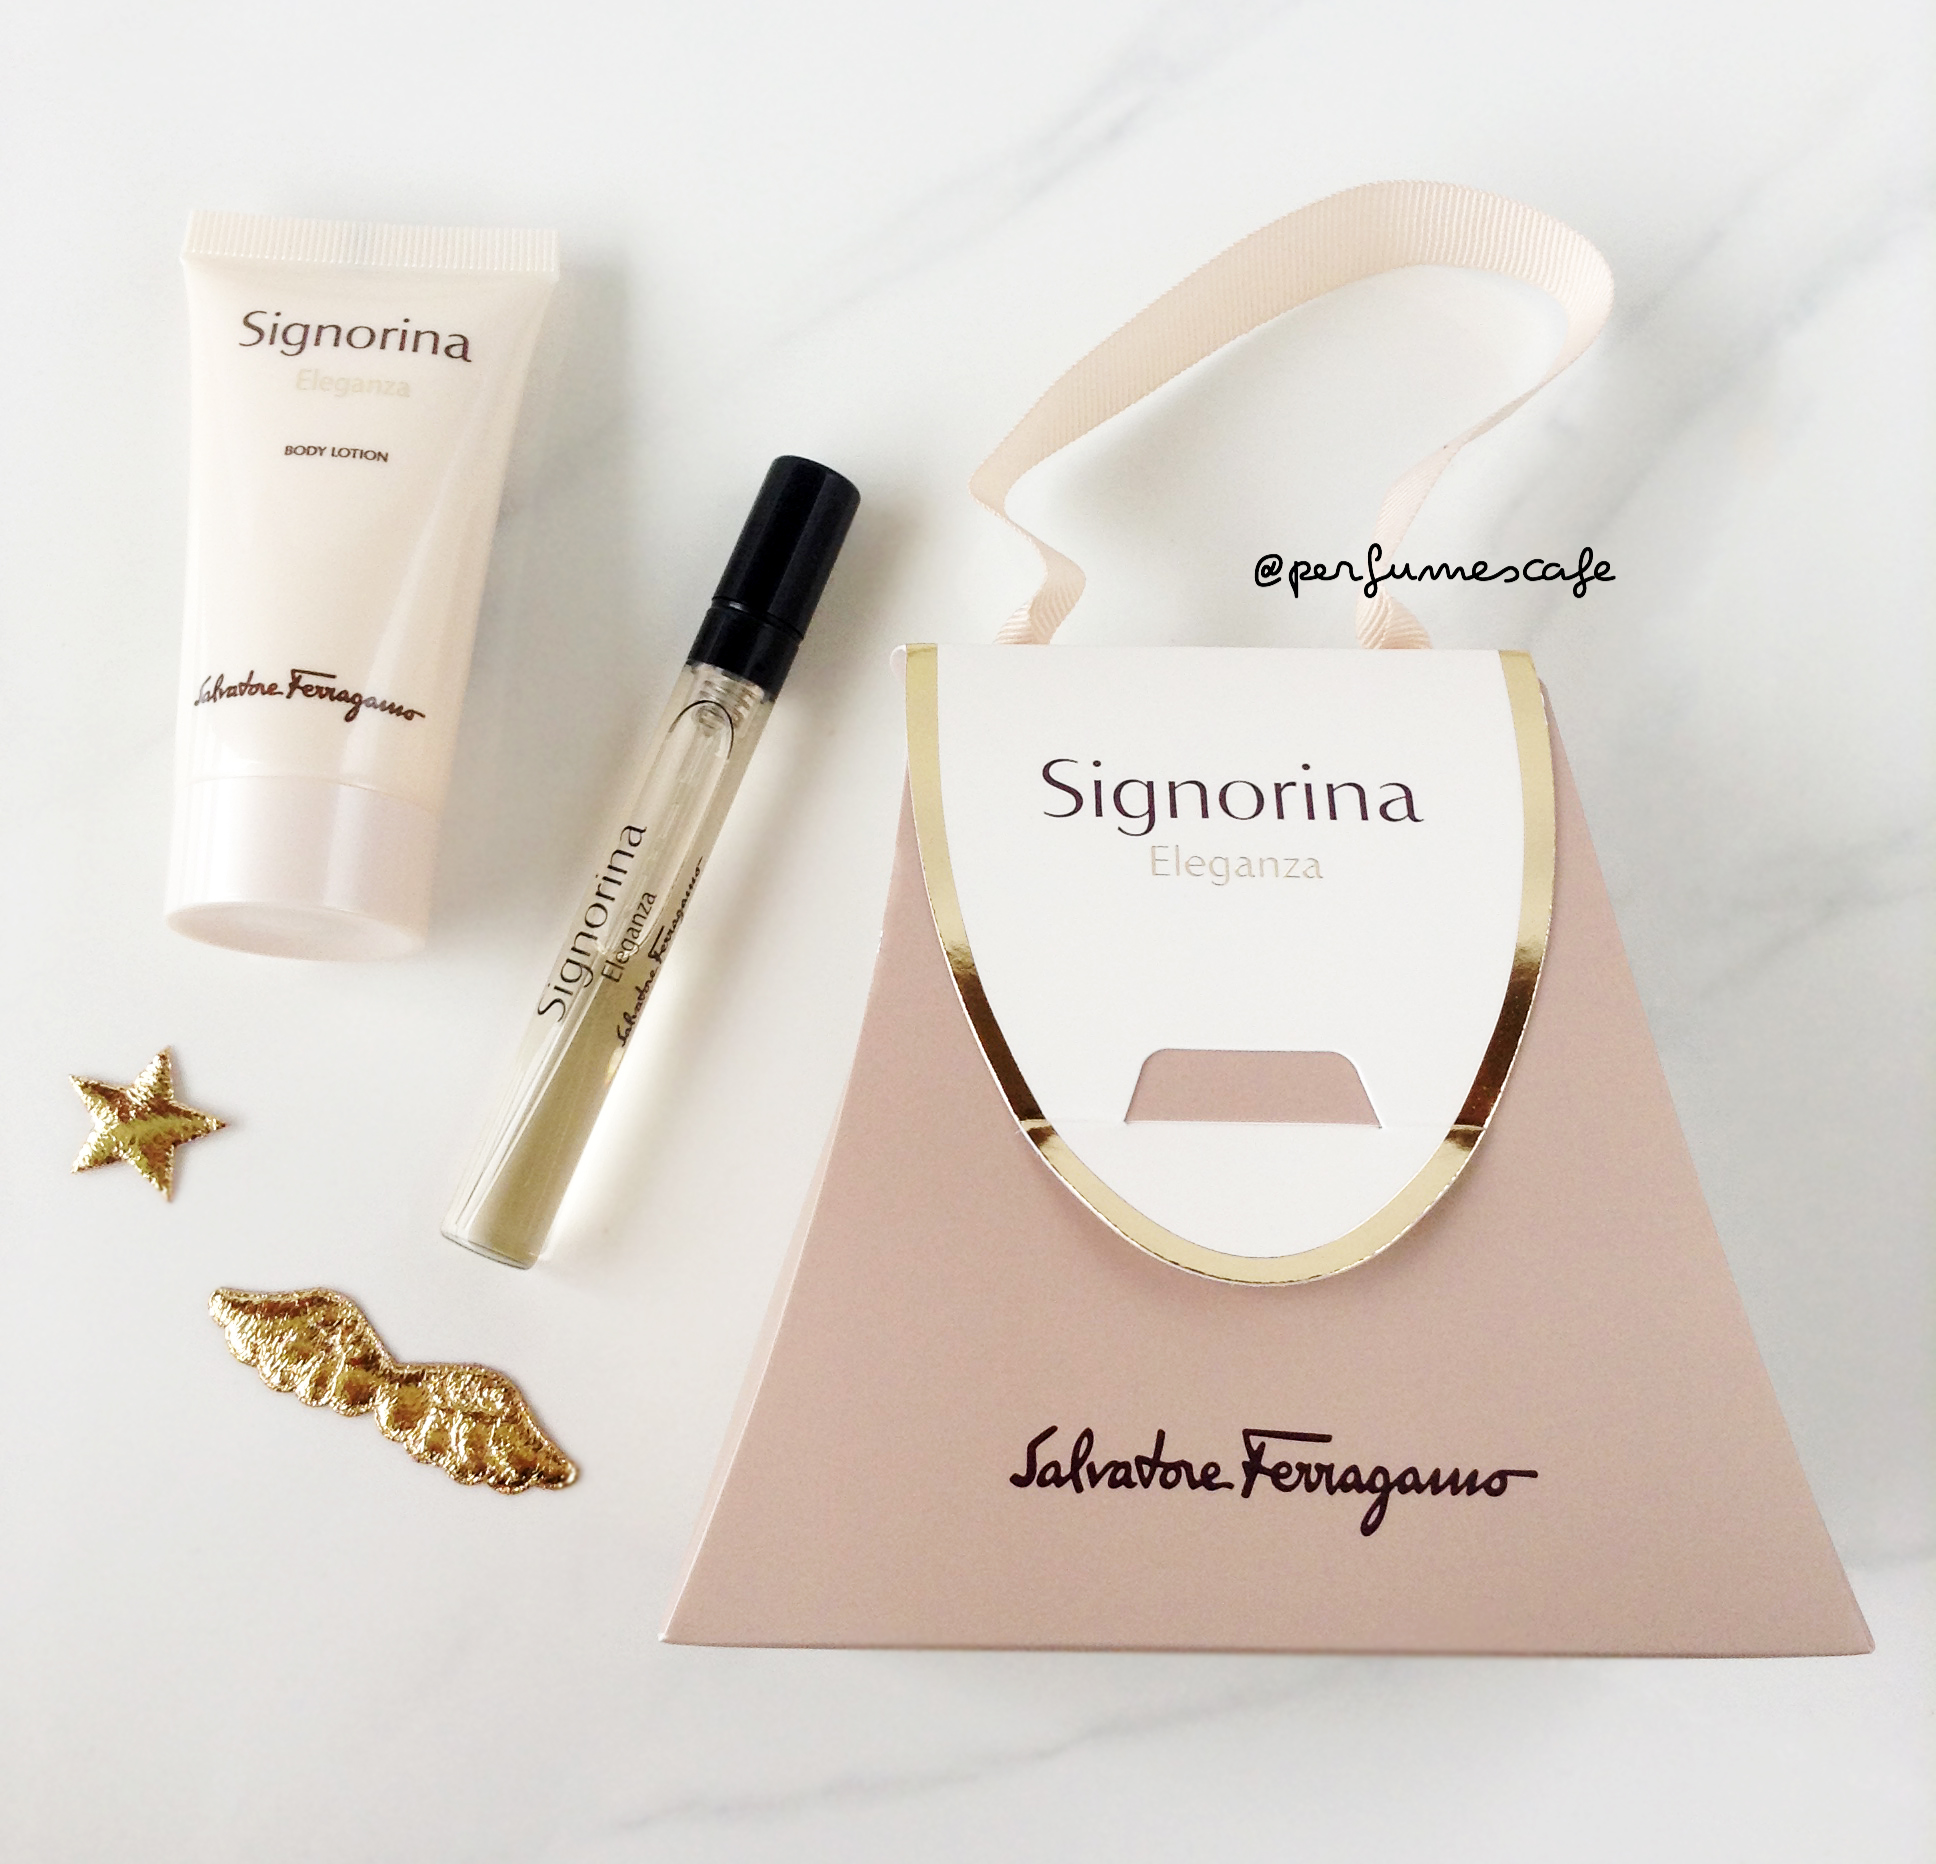 เซ็ตน้ำหอม Salvatore Ferragamo Signorina Eleganza Miniature Perfume + Body Lotion